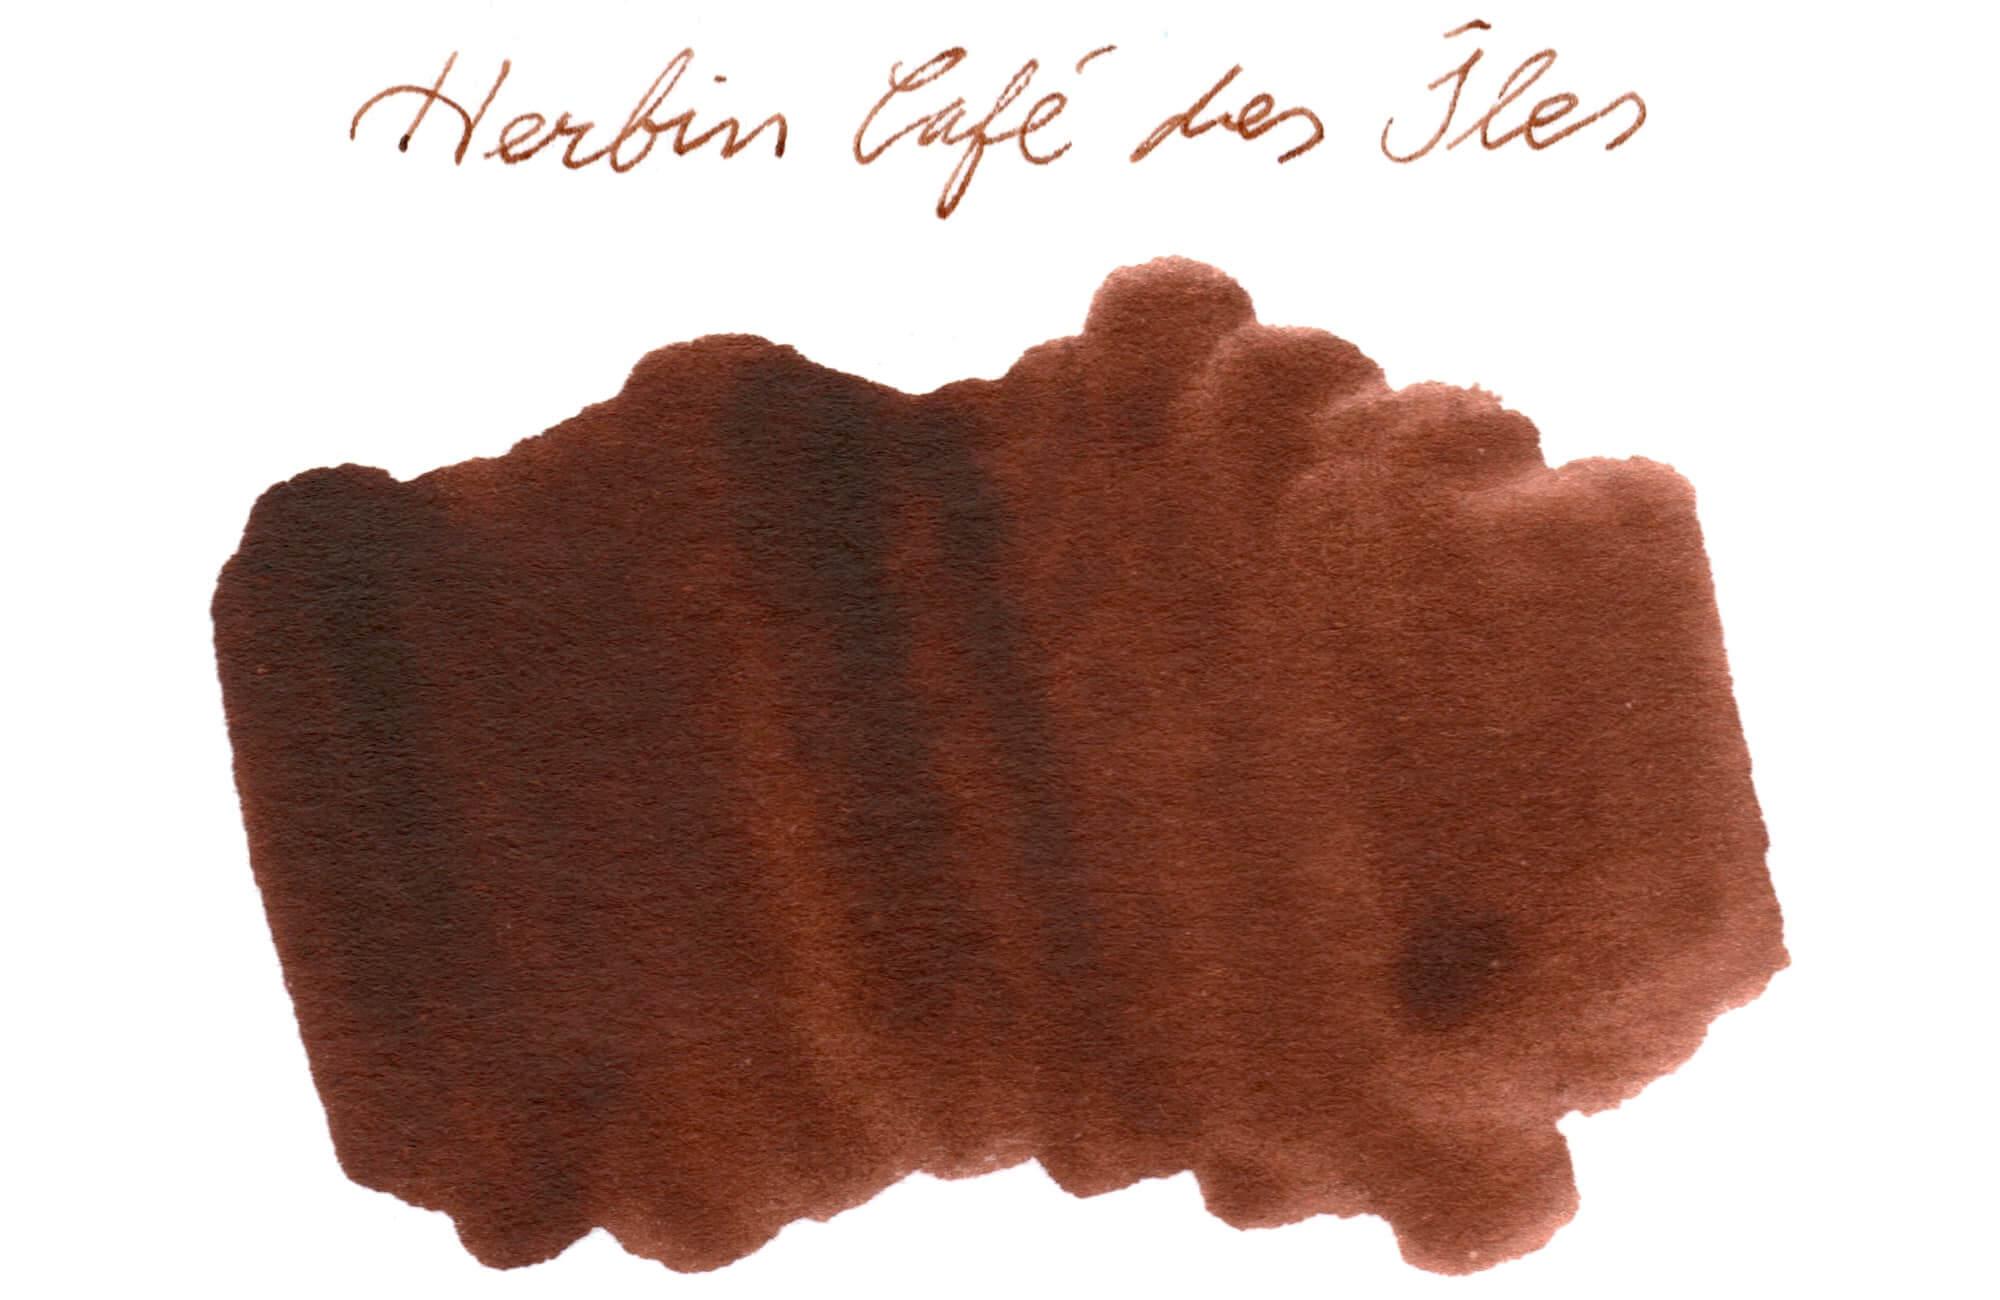 Herbin Café des Îles